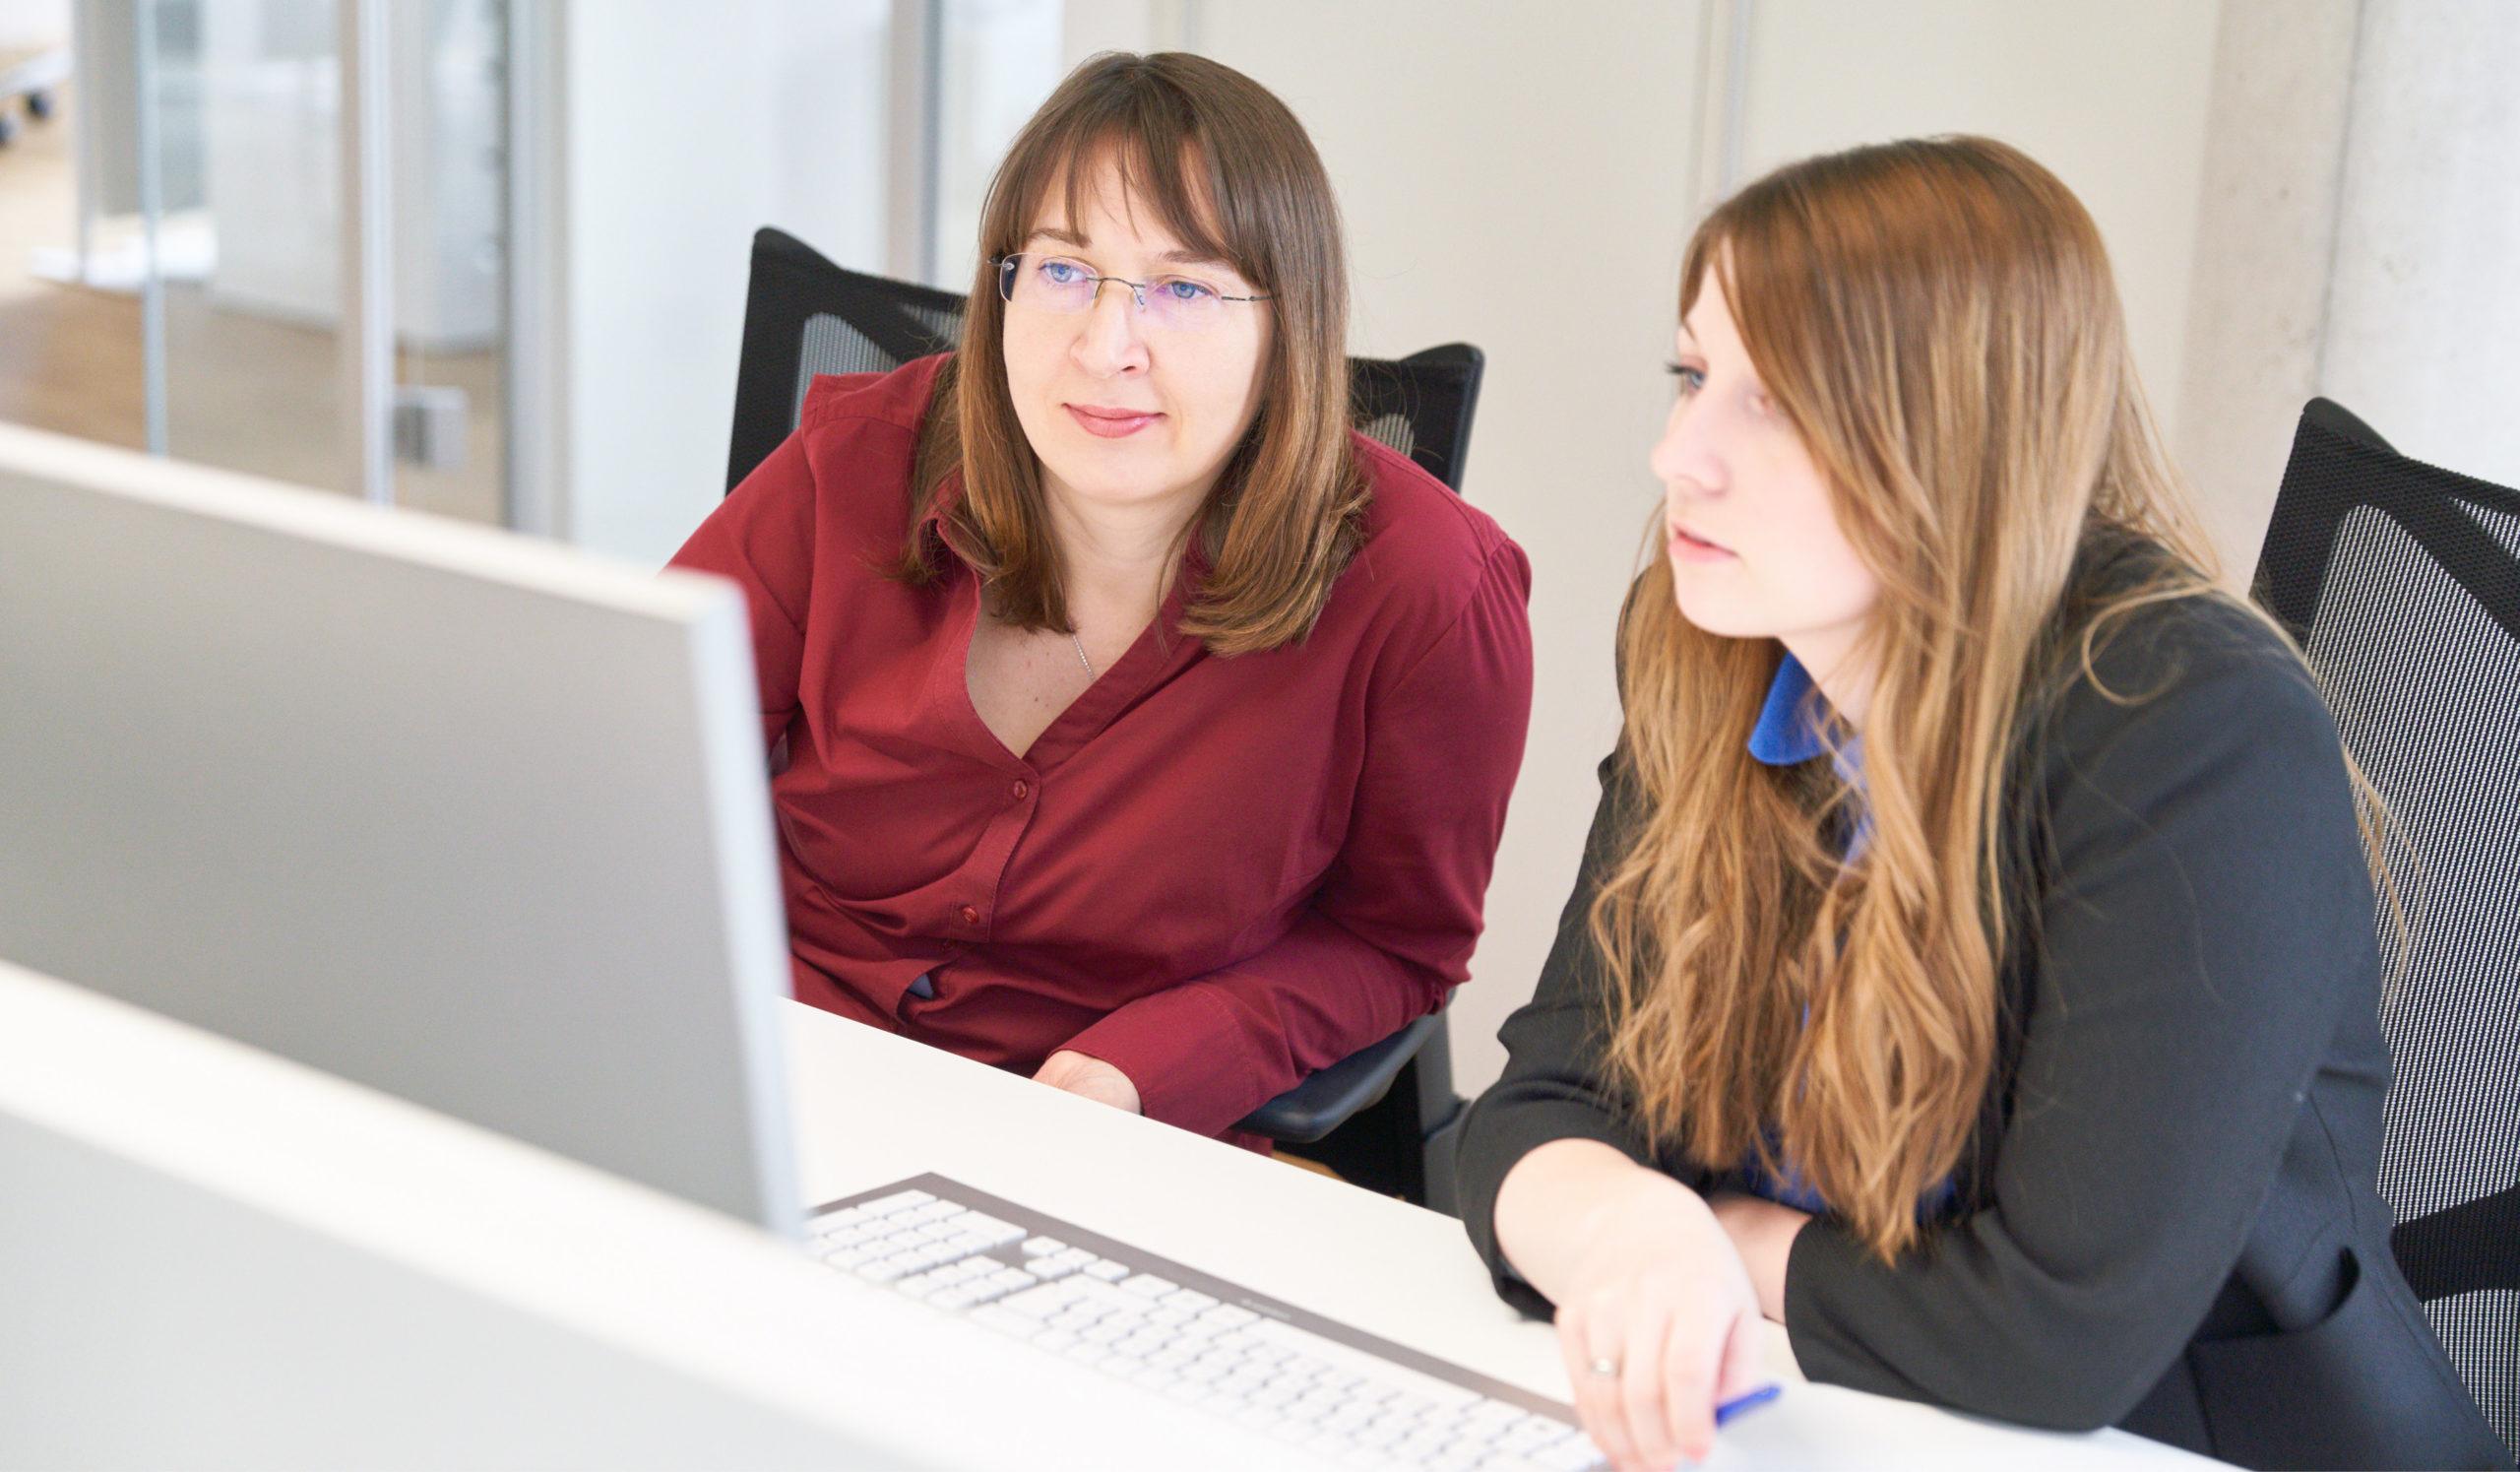 Zwei Mitarbeiterinnen bei einer Besprechung im Büro Bitsch+Bienstein Architekten in Wiesbaden